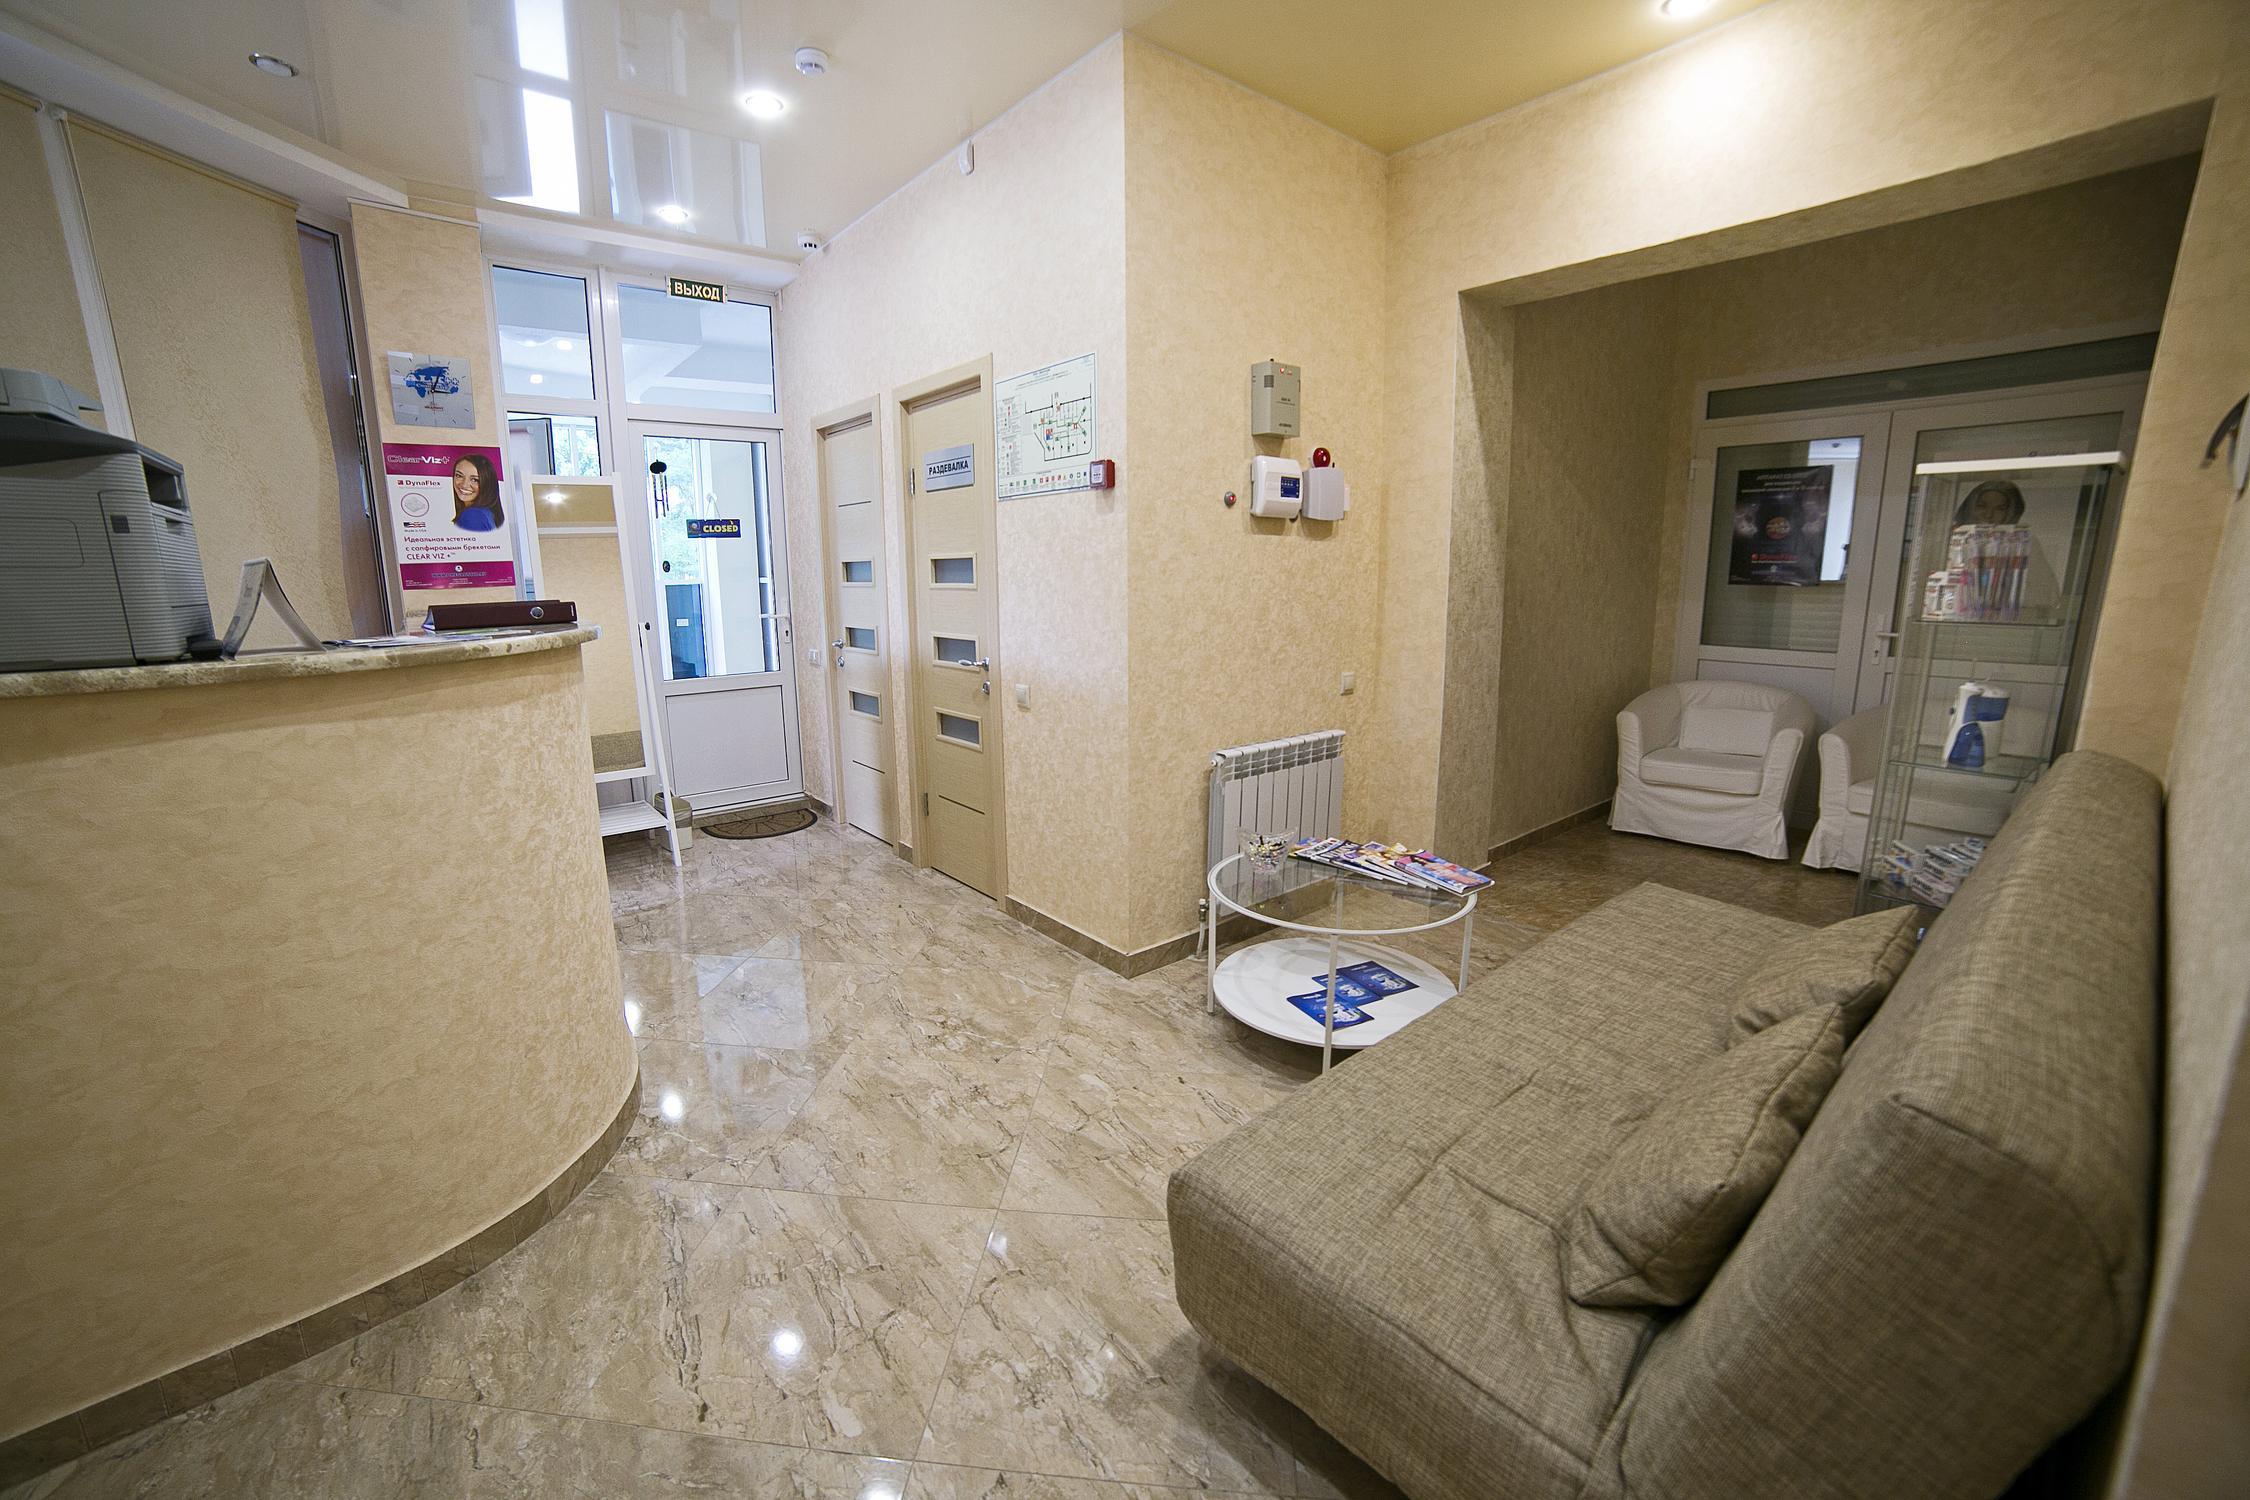 фотография Стоматологической клиники Даймонд Дент в Дагомысе